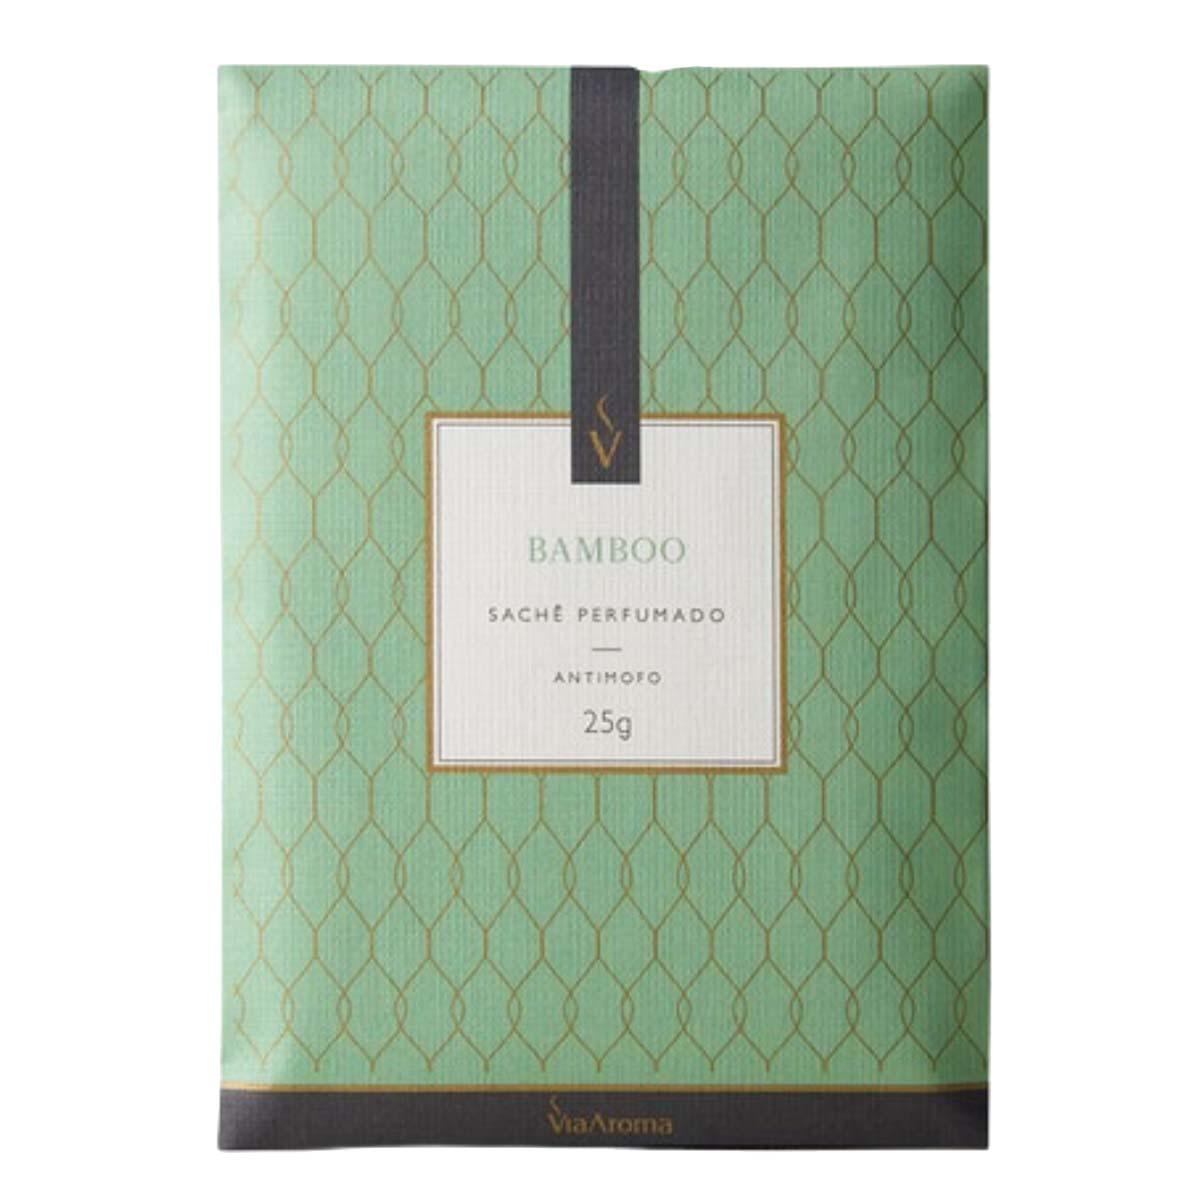 Sachê perfumado bamboo 25g